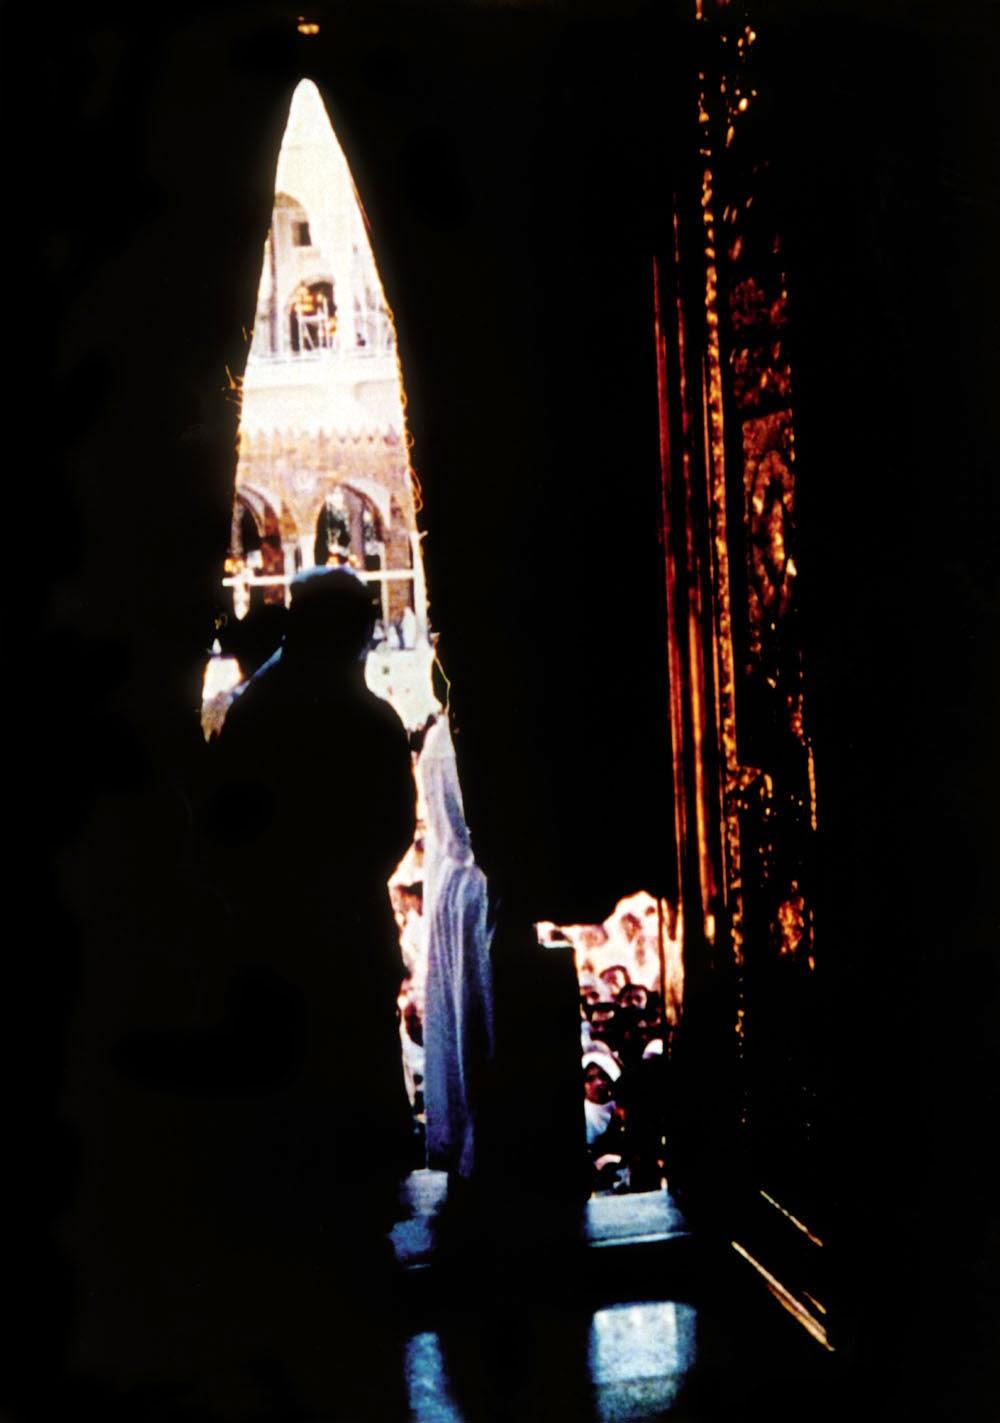 ����� ���� ������ �������.. ���� صورة نادرة من جوف الكعبة المشرفة ـ تصوير عمر المضواحي.jpg